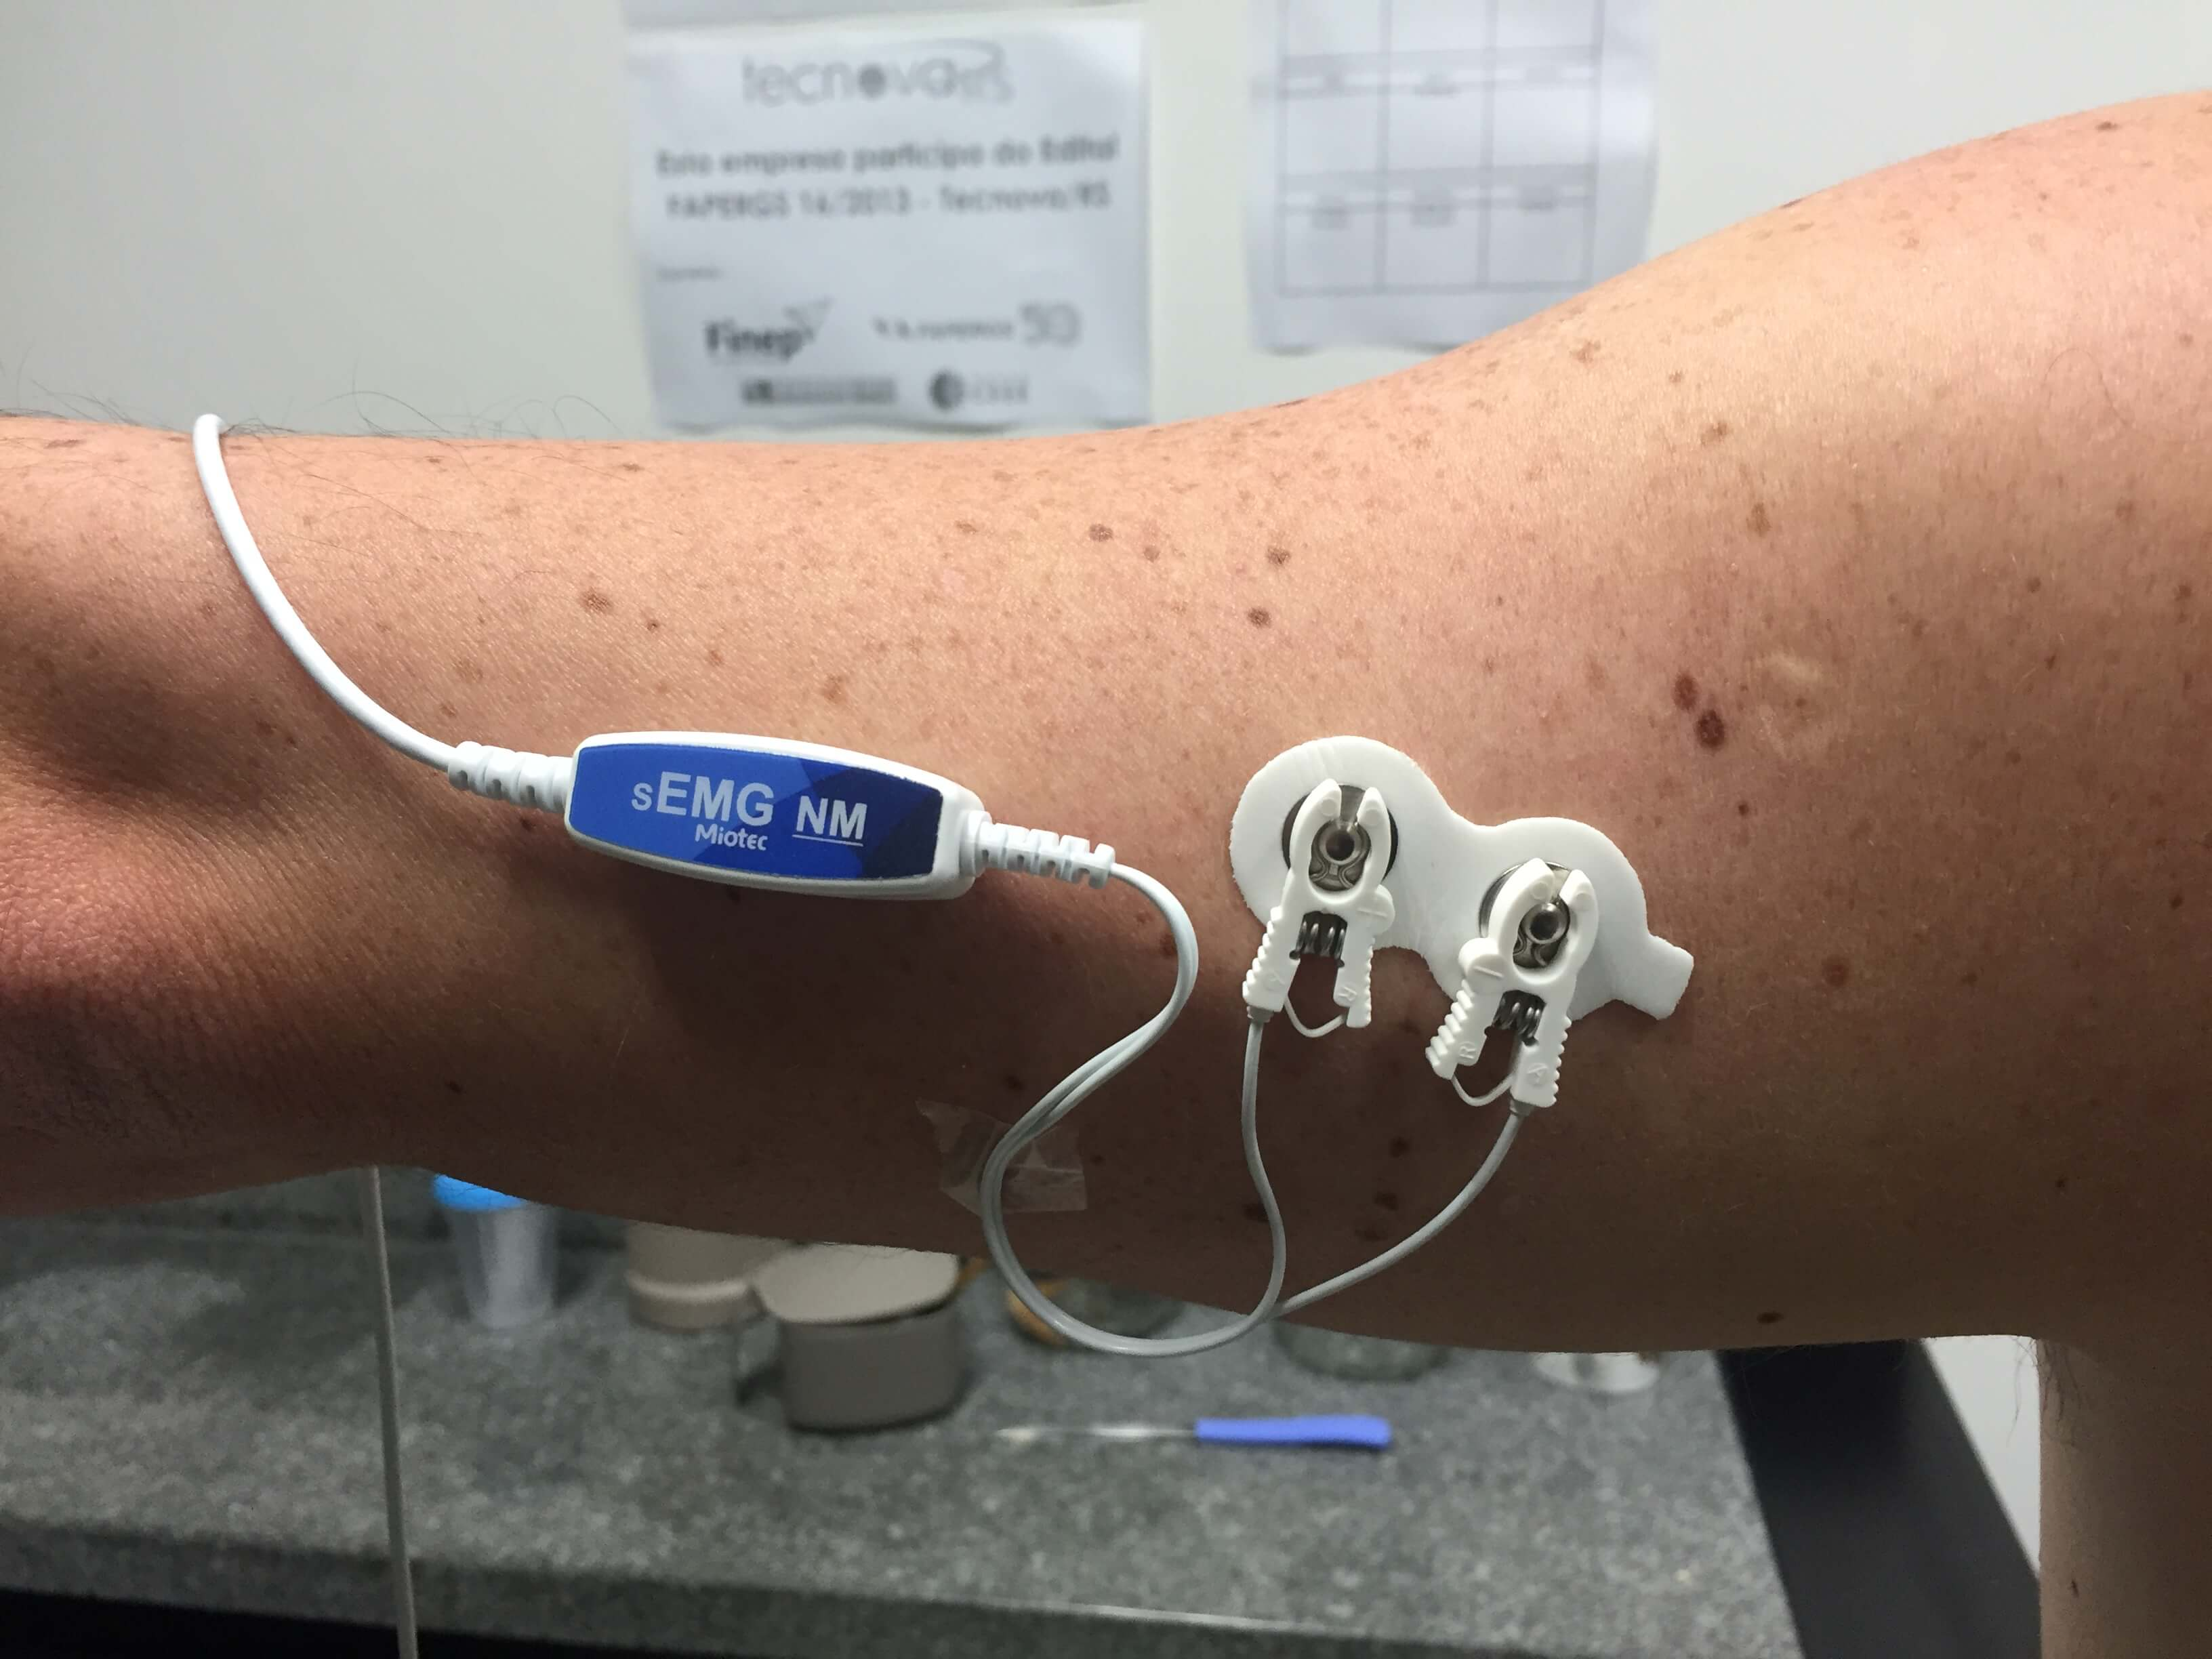 Entenda como a tecnologia auxilia na análise muscular